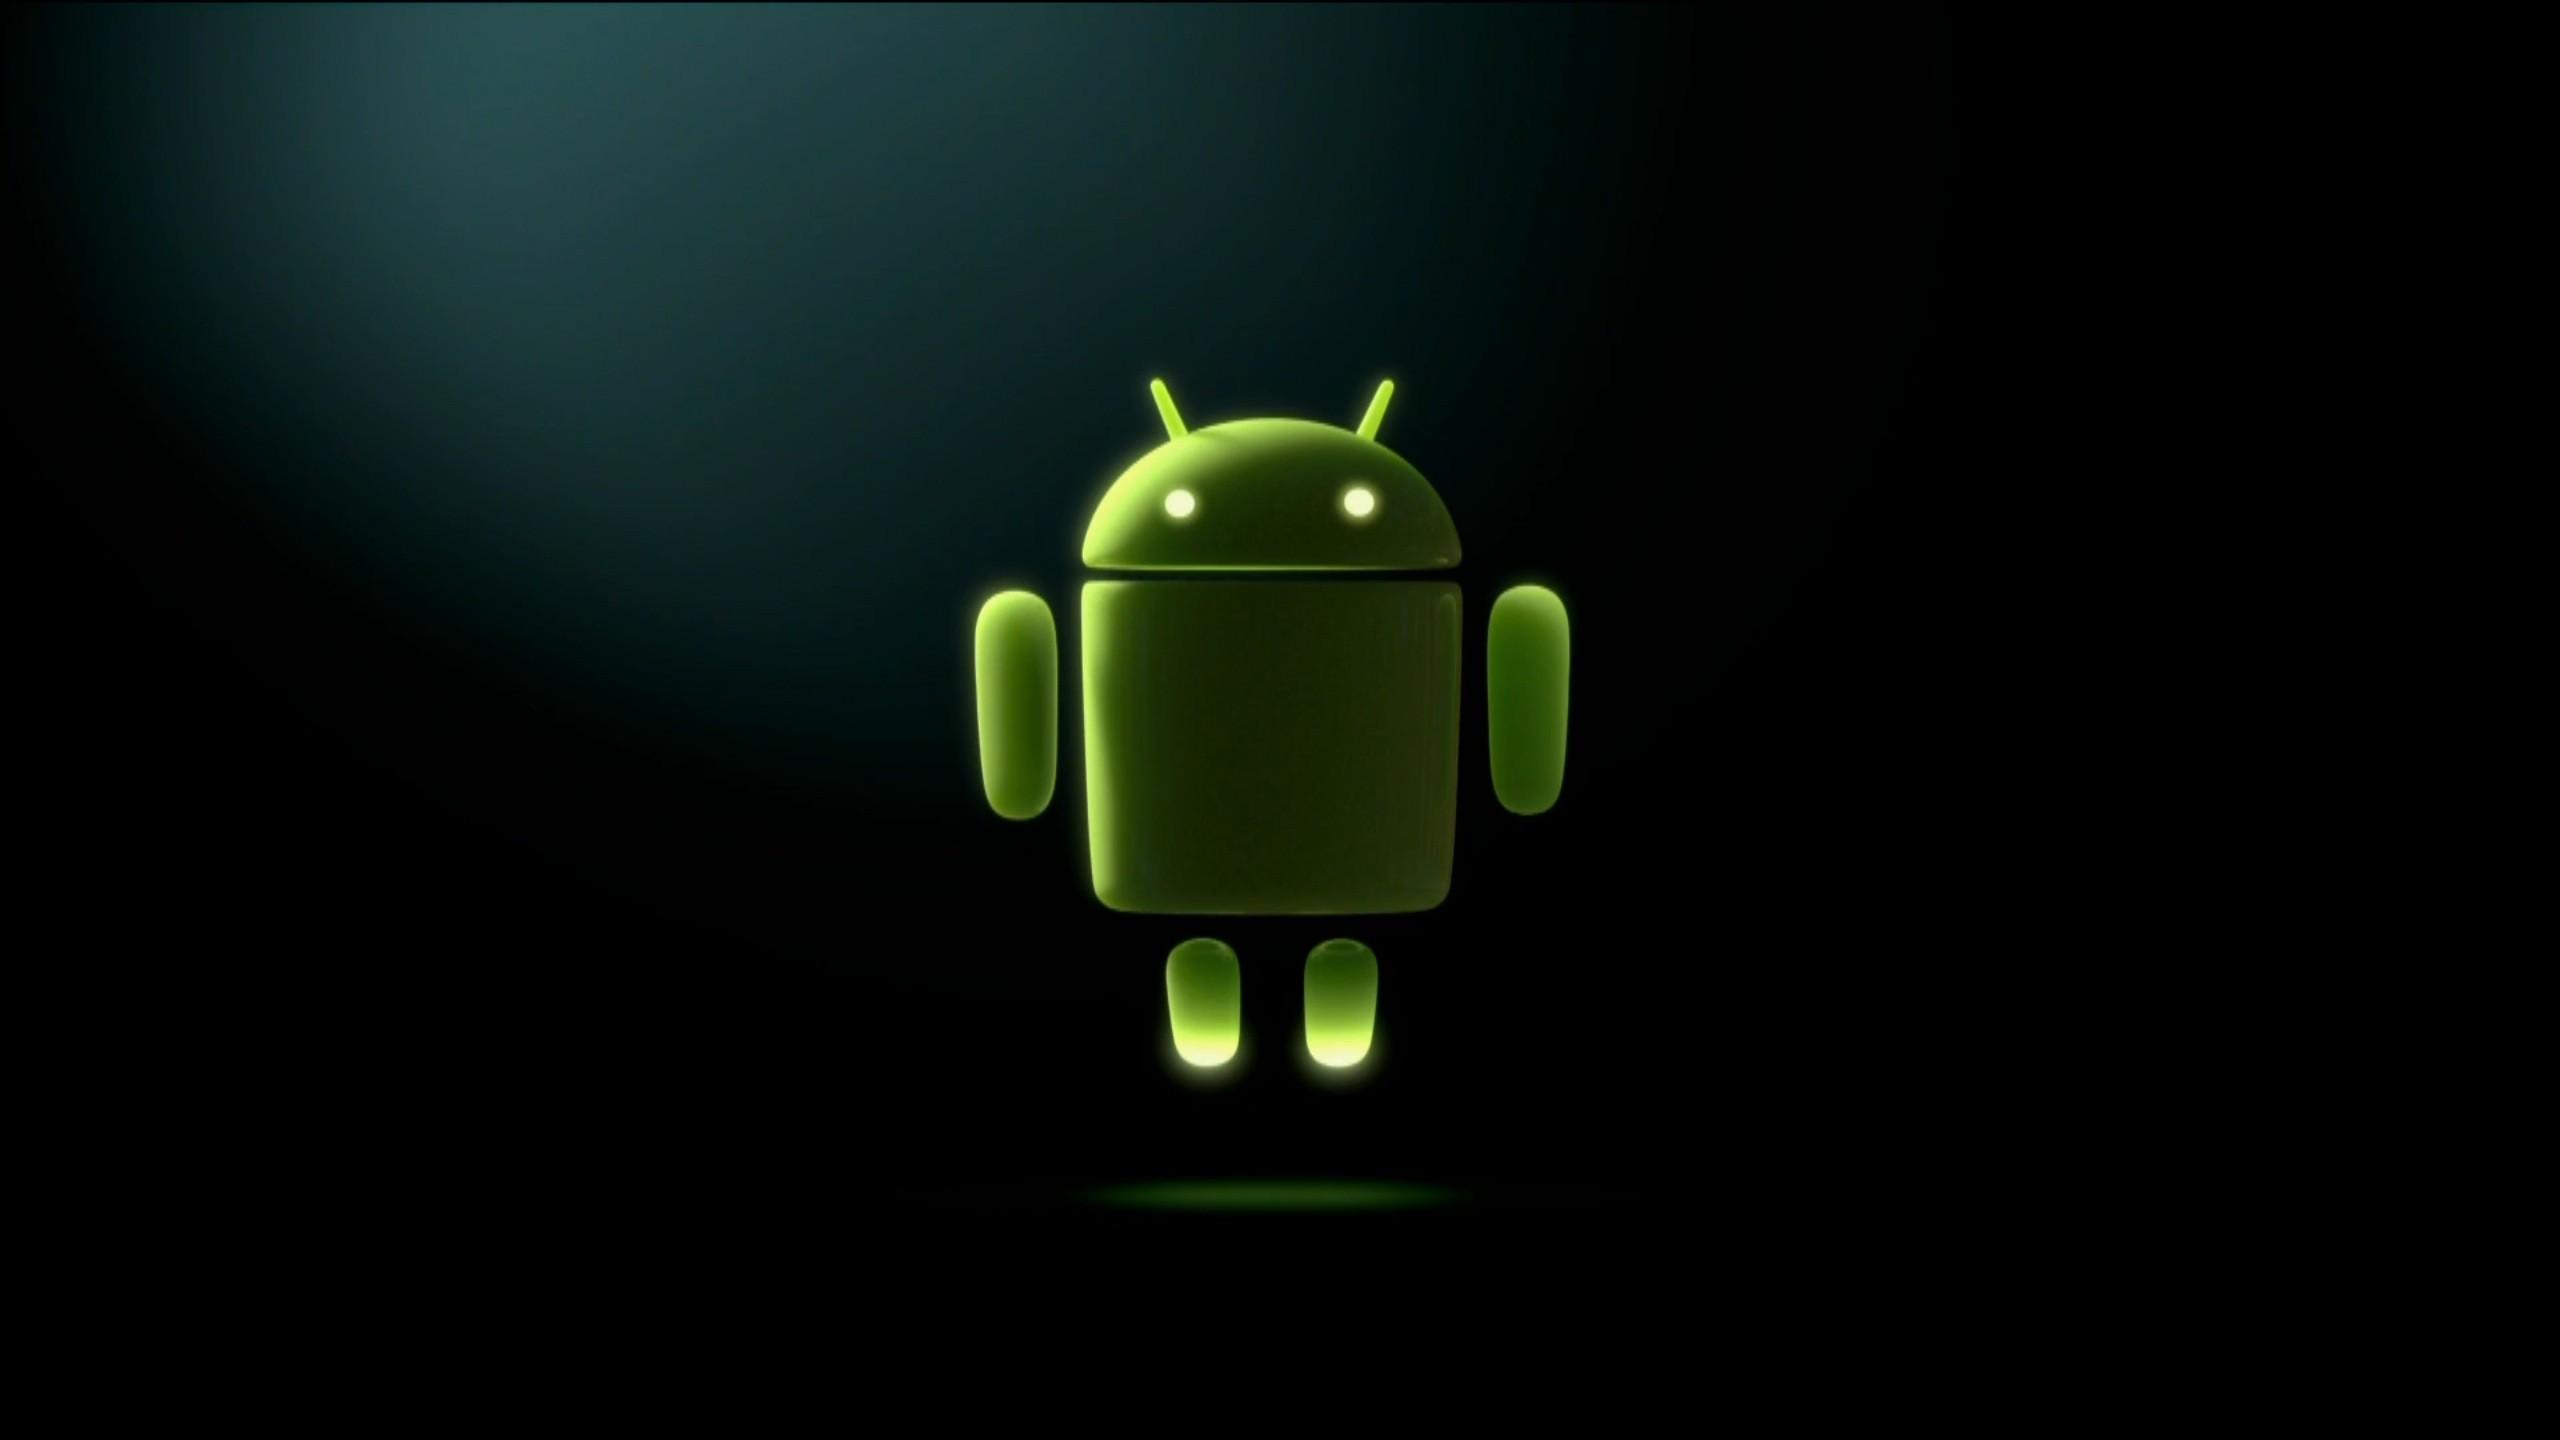 Скачать Обои На Андроид Без